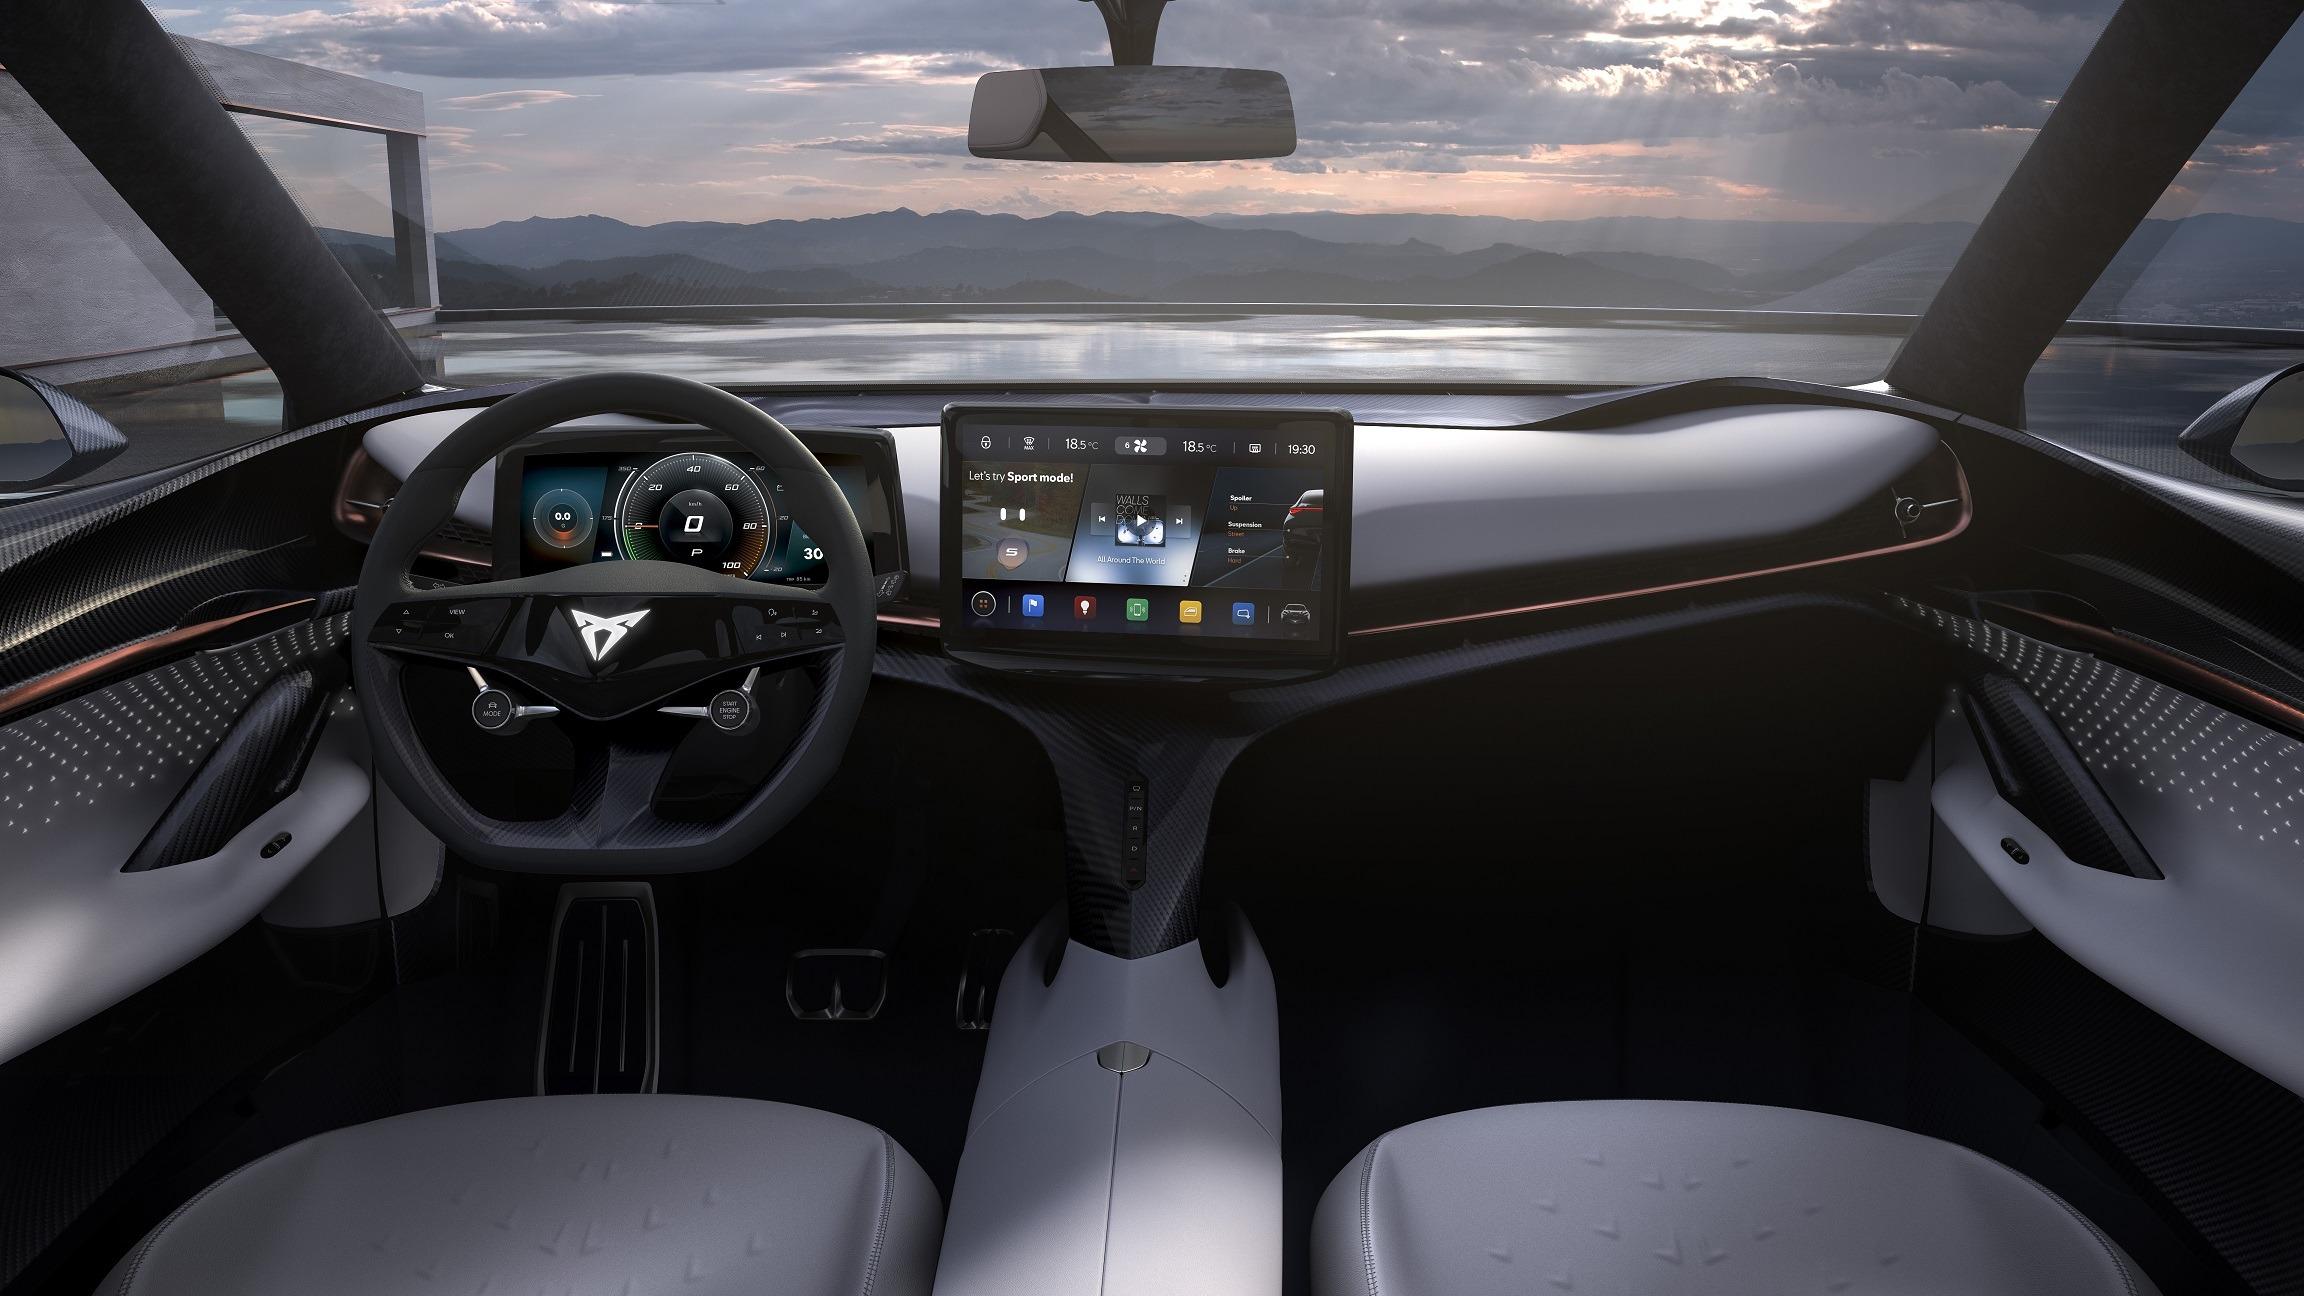 """Crise dos microchips afeta automóveis: """"As encomendas estão um caos. Alguns  ..."""